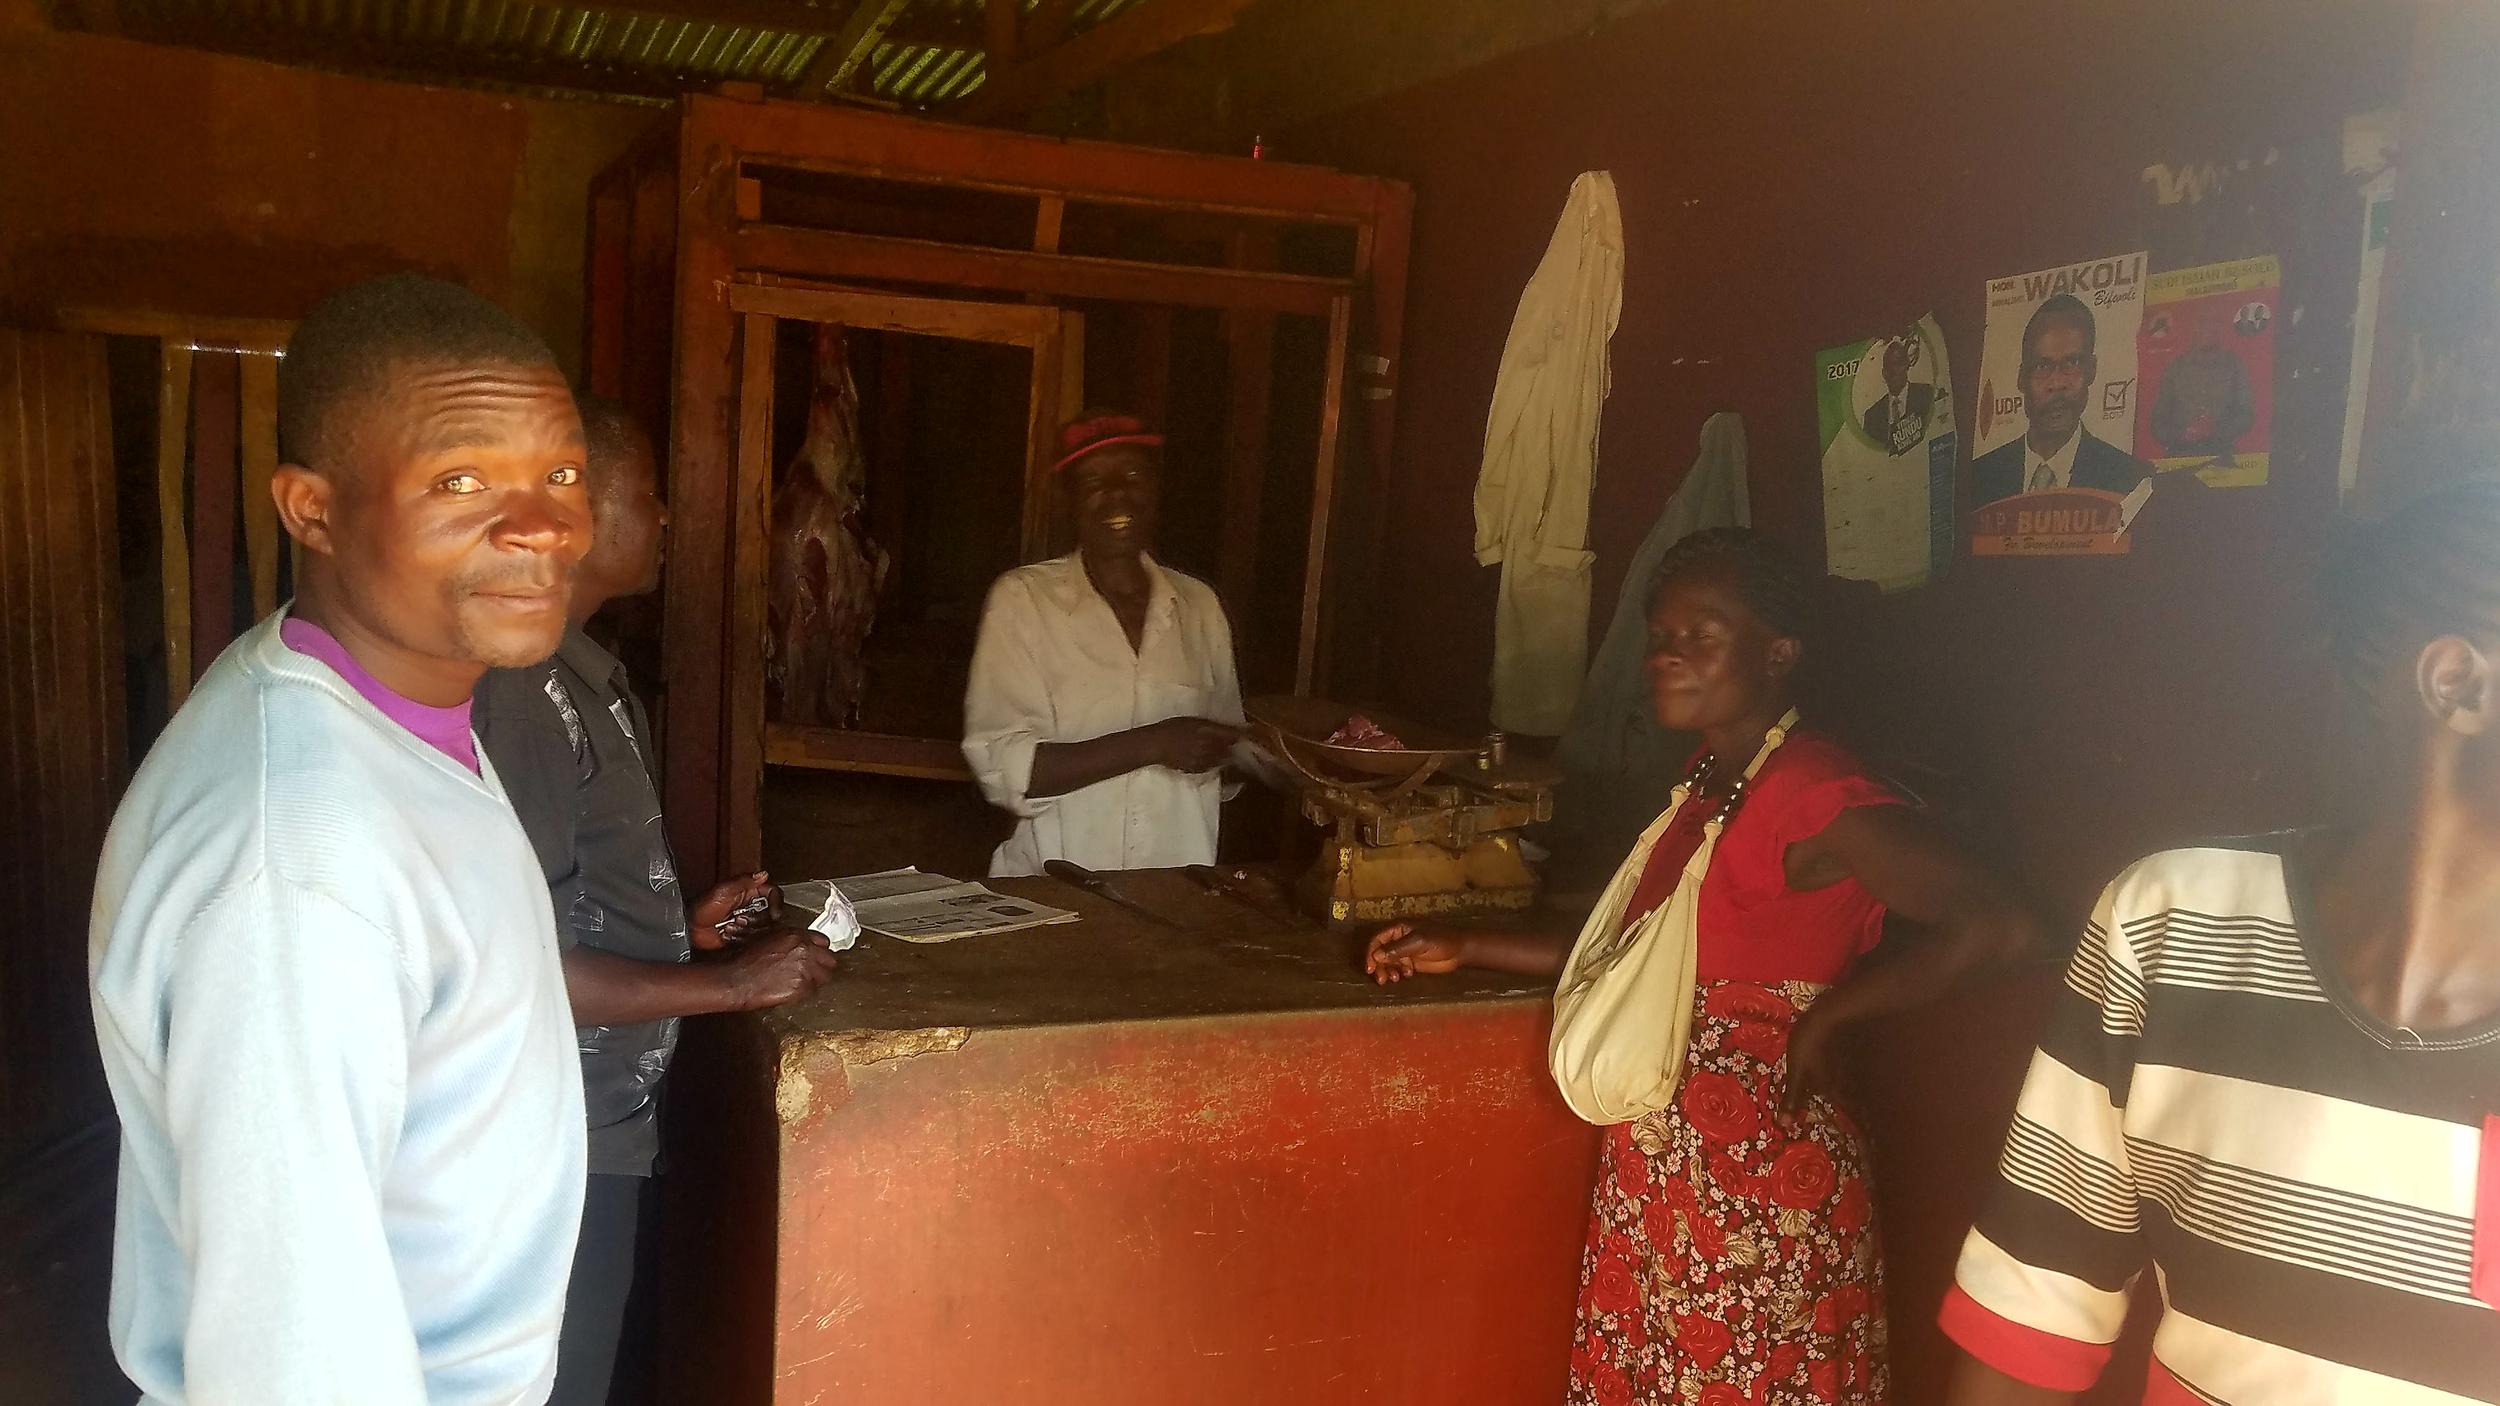 Folks buying nyama ya ng'ombe (beef) at the local butchery.